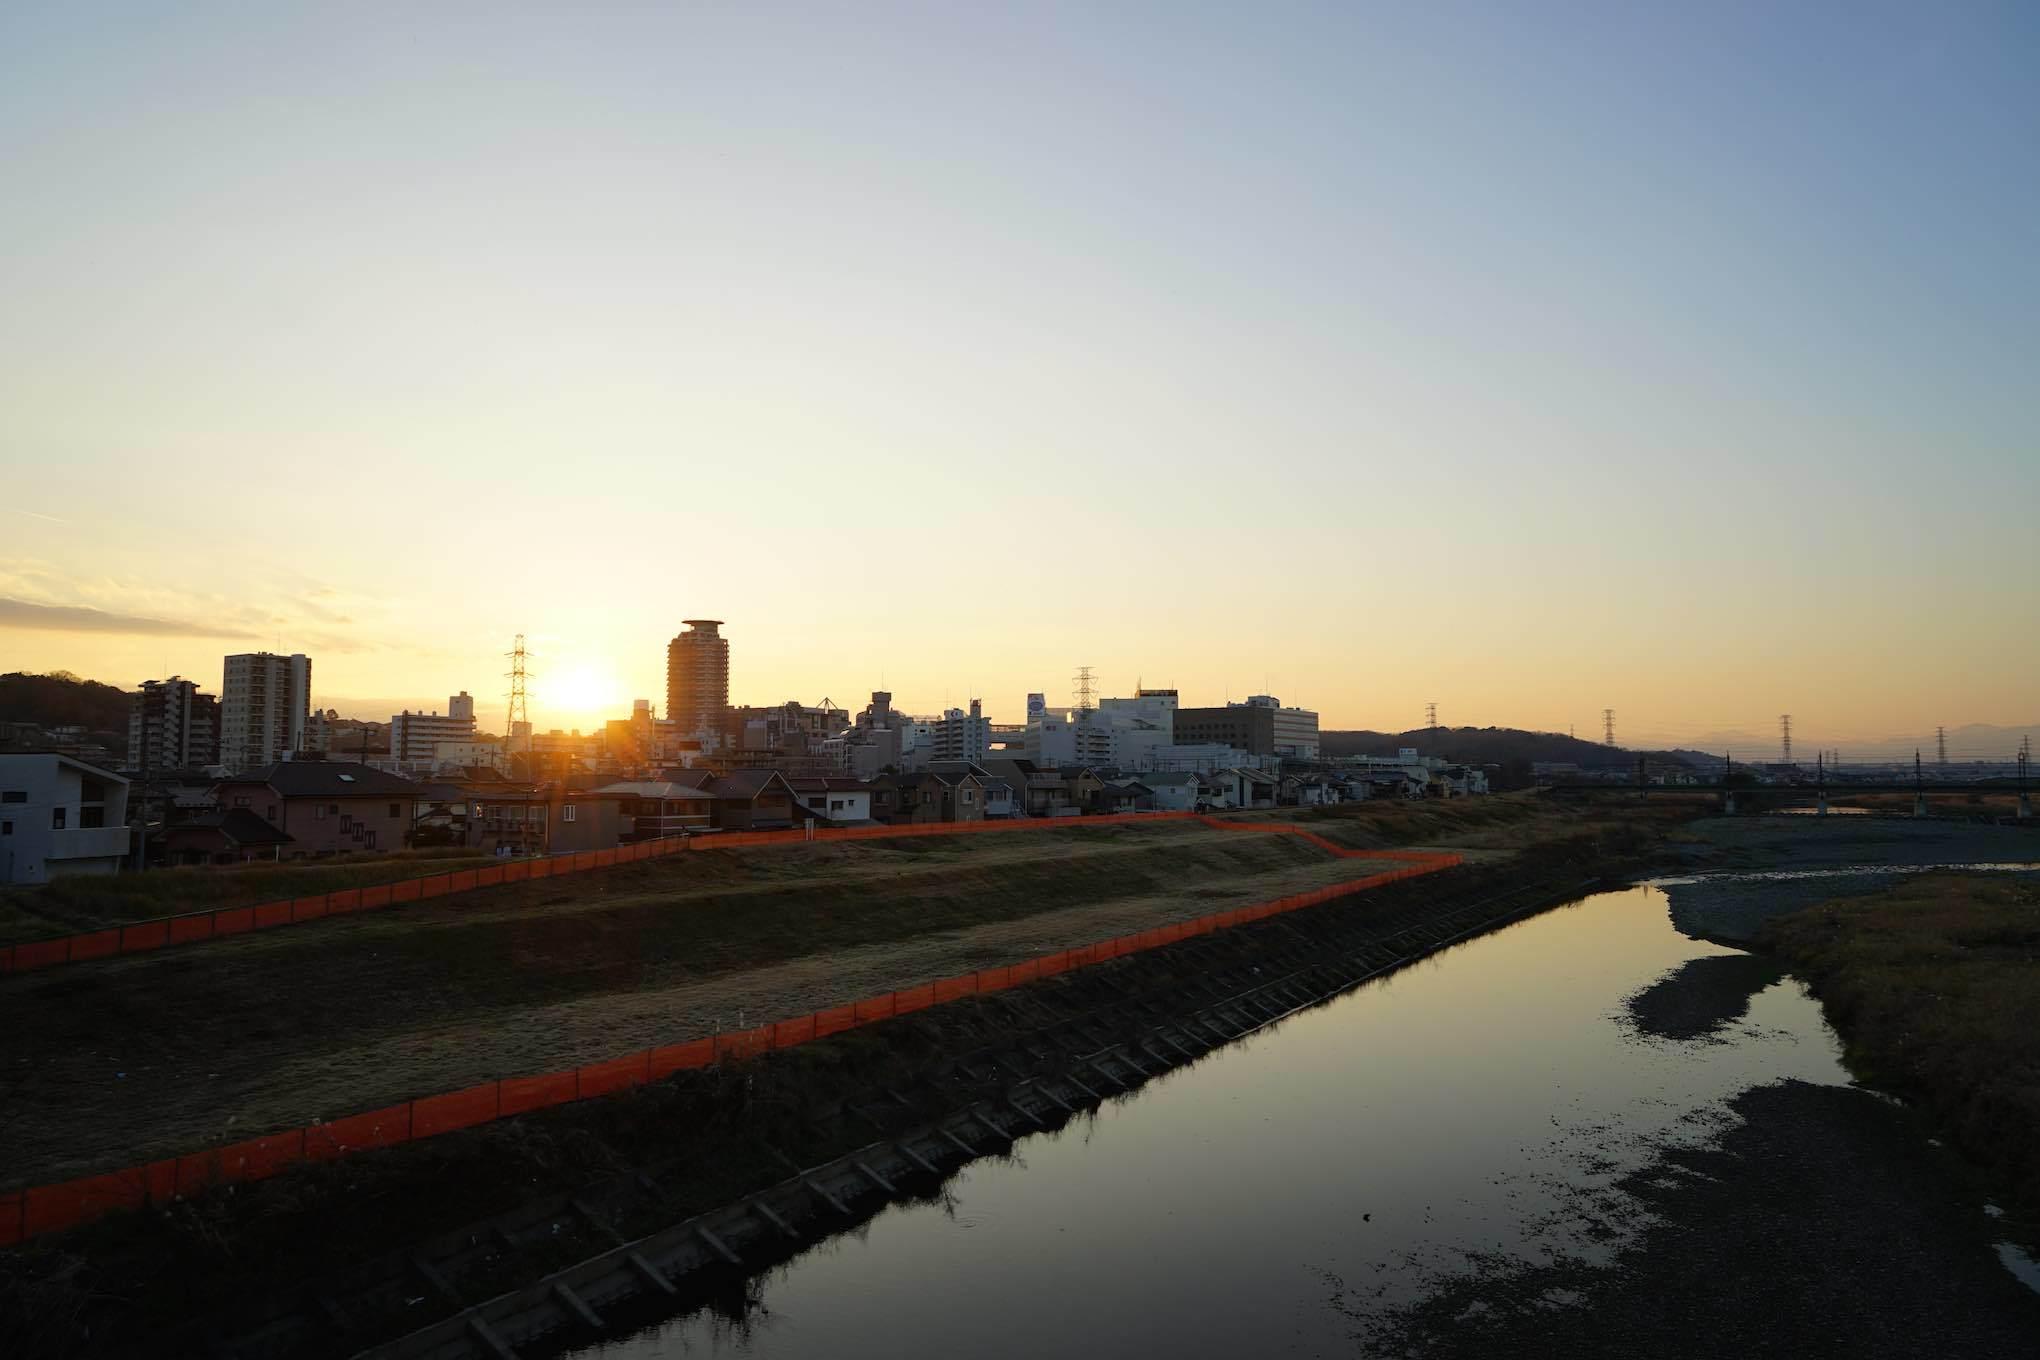 関戸橋架替工事 1_b0360240_19384075.jpg